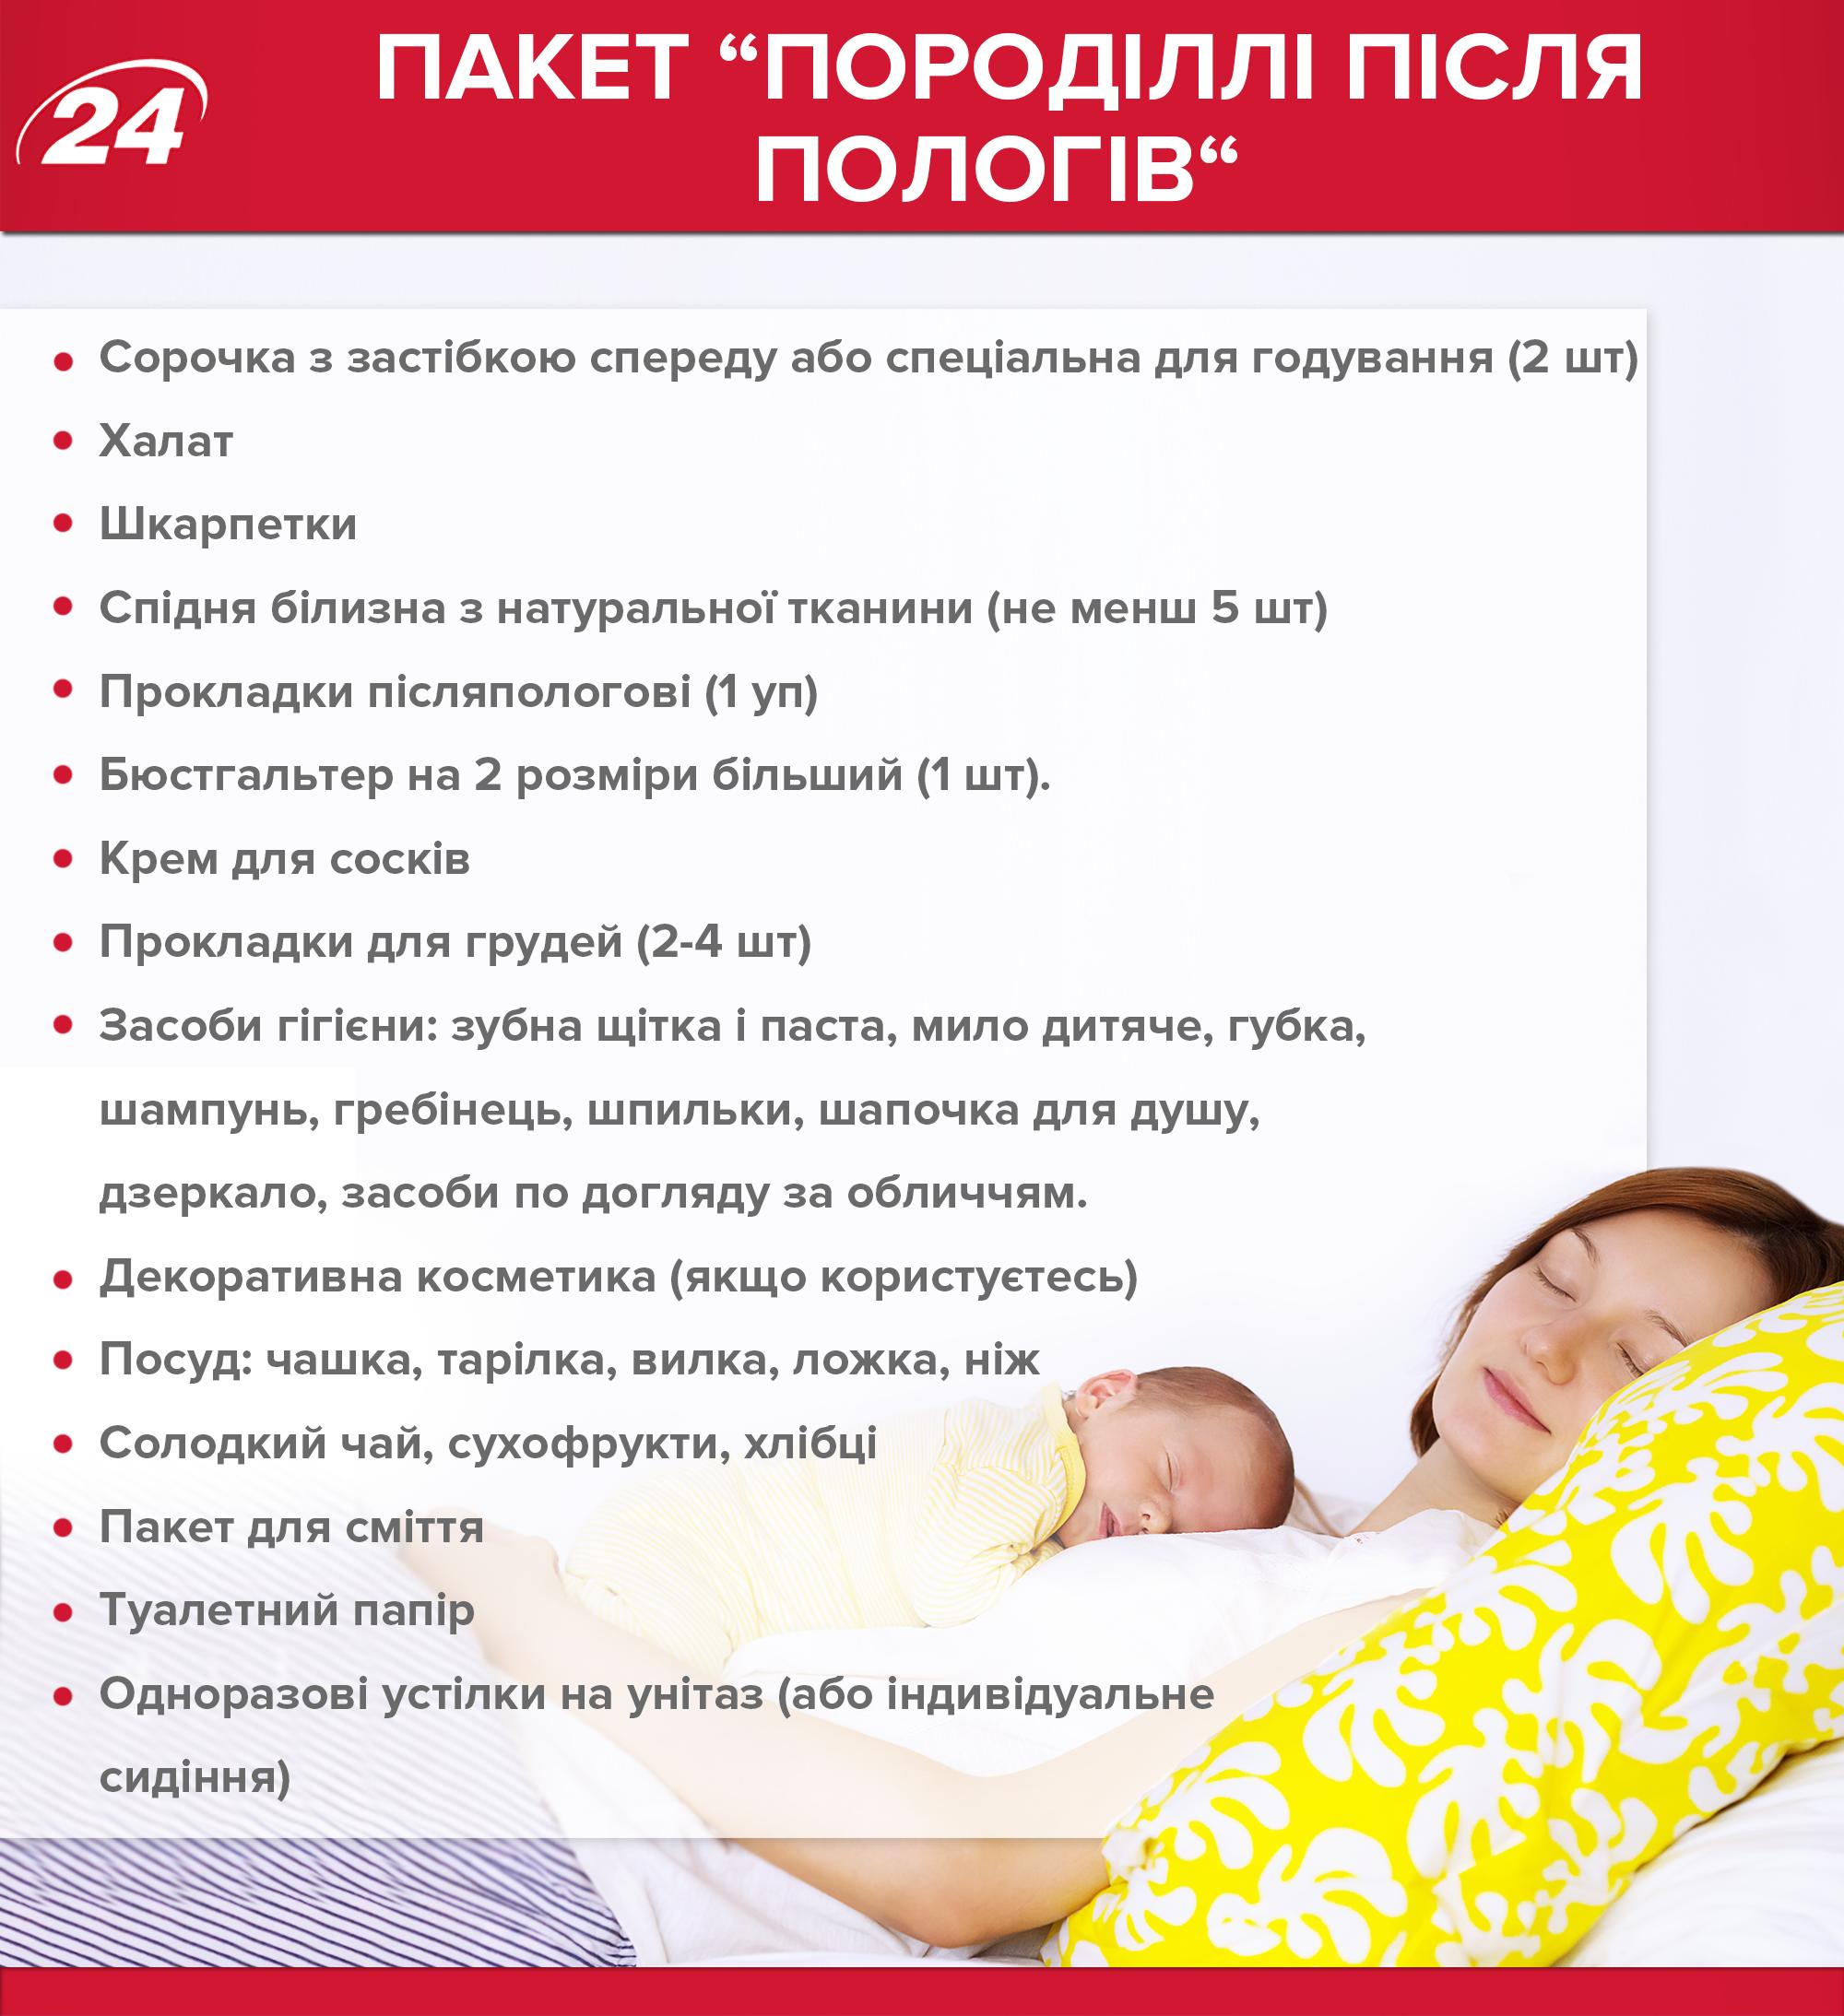 Самый точный список покупок новорожденному и в роддом